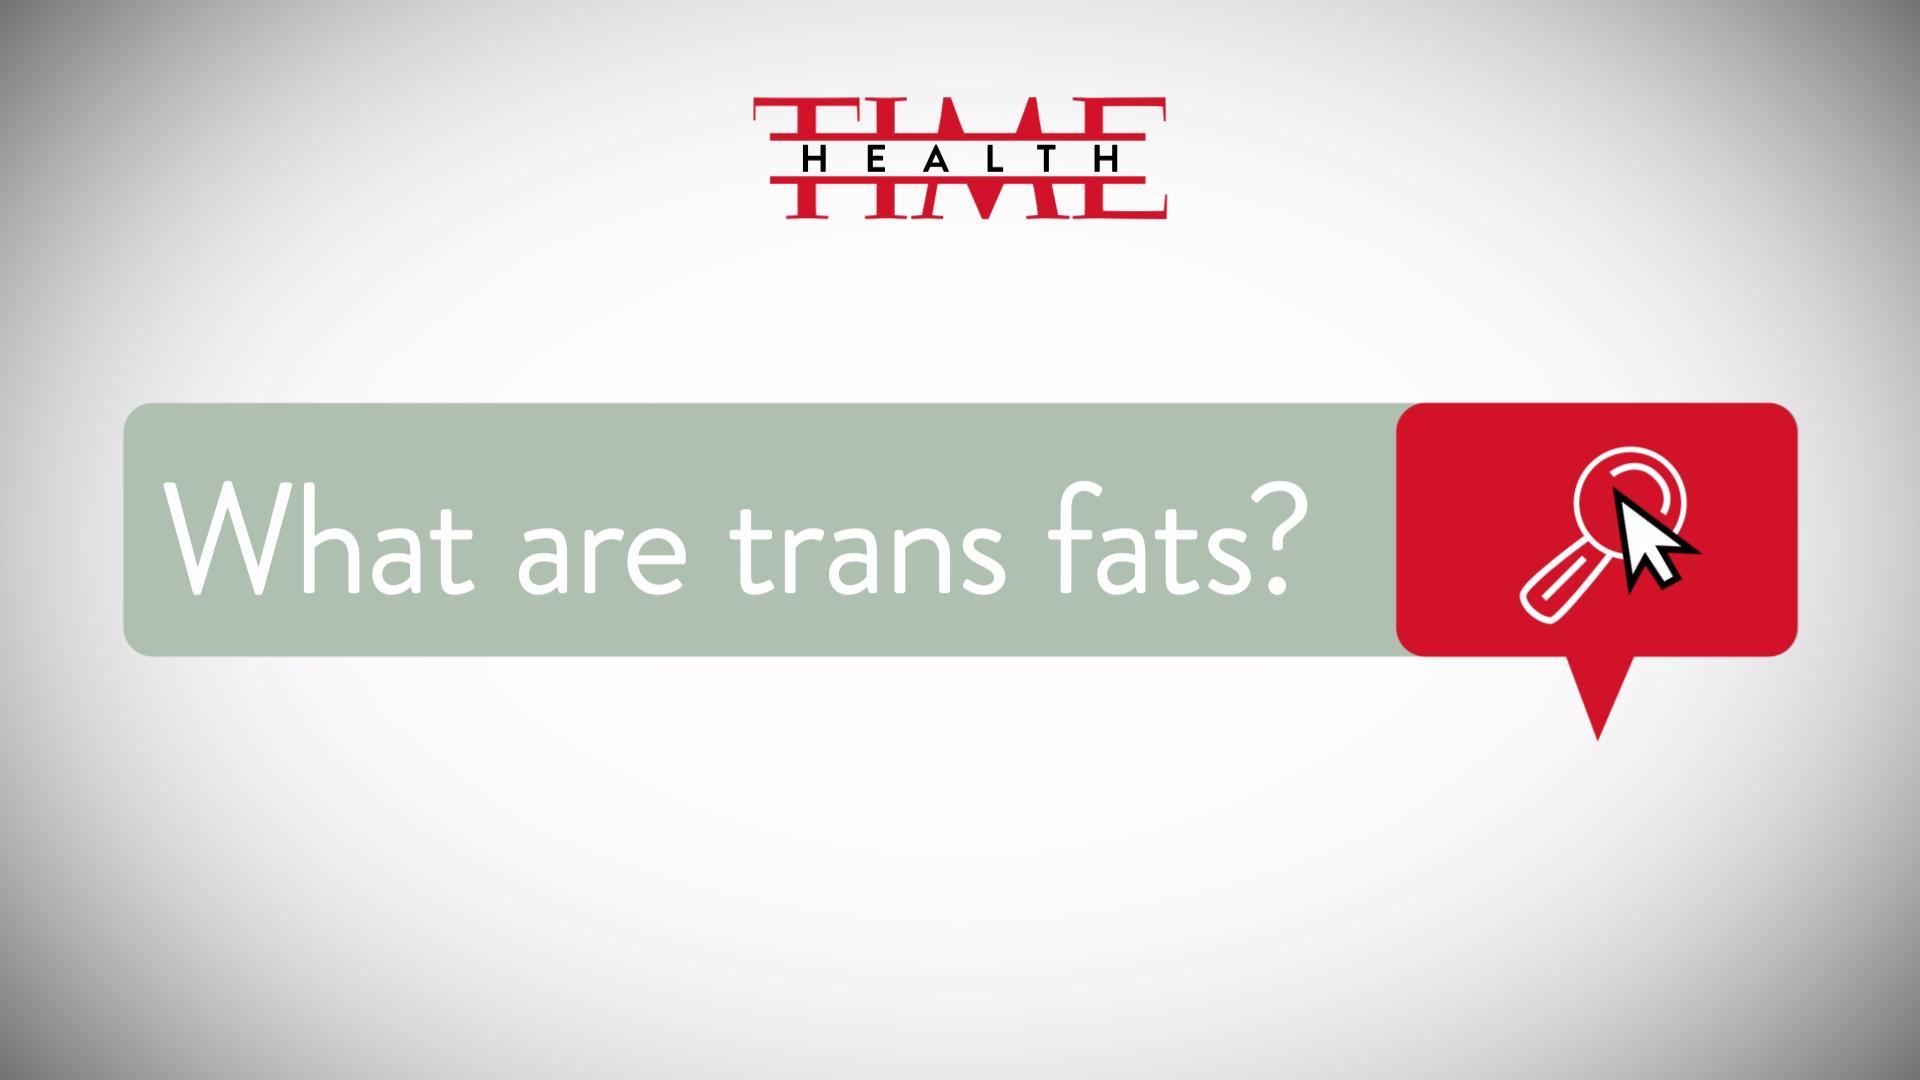 Trans fat is dangerous